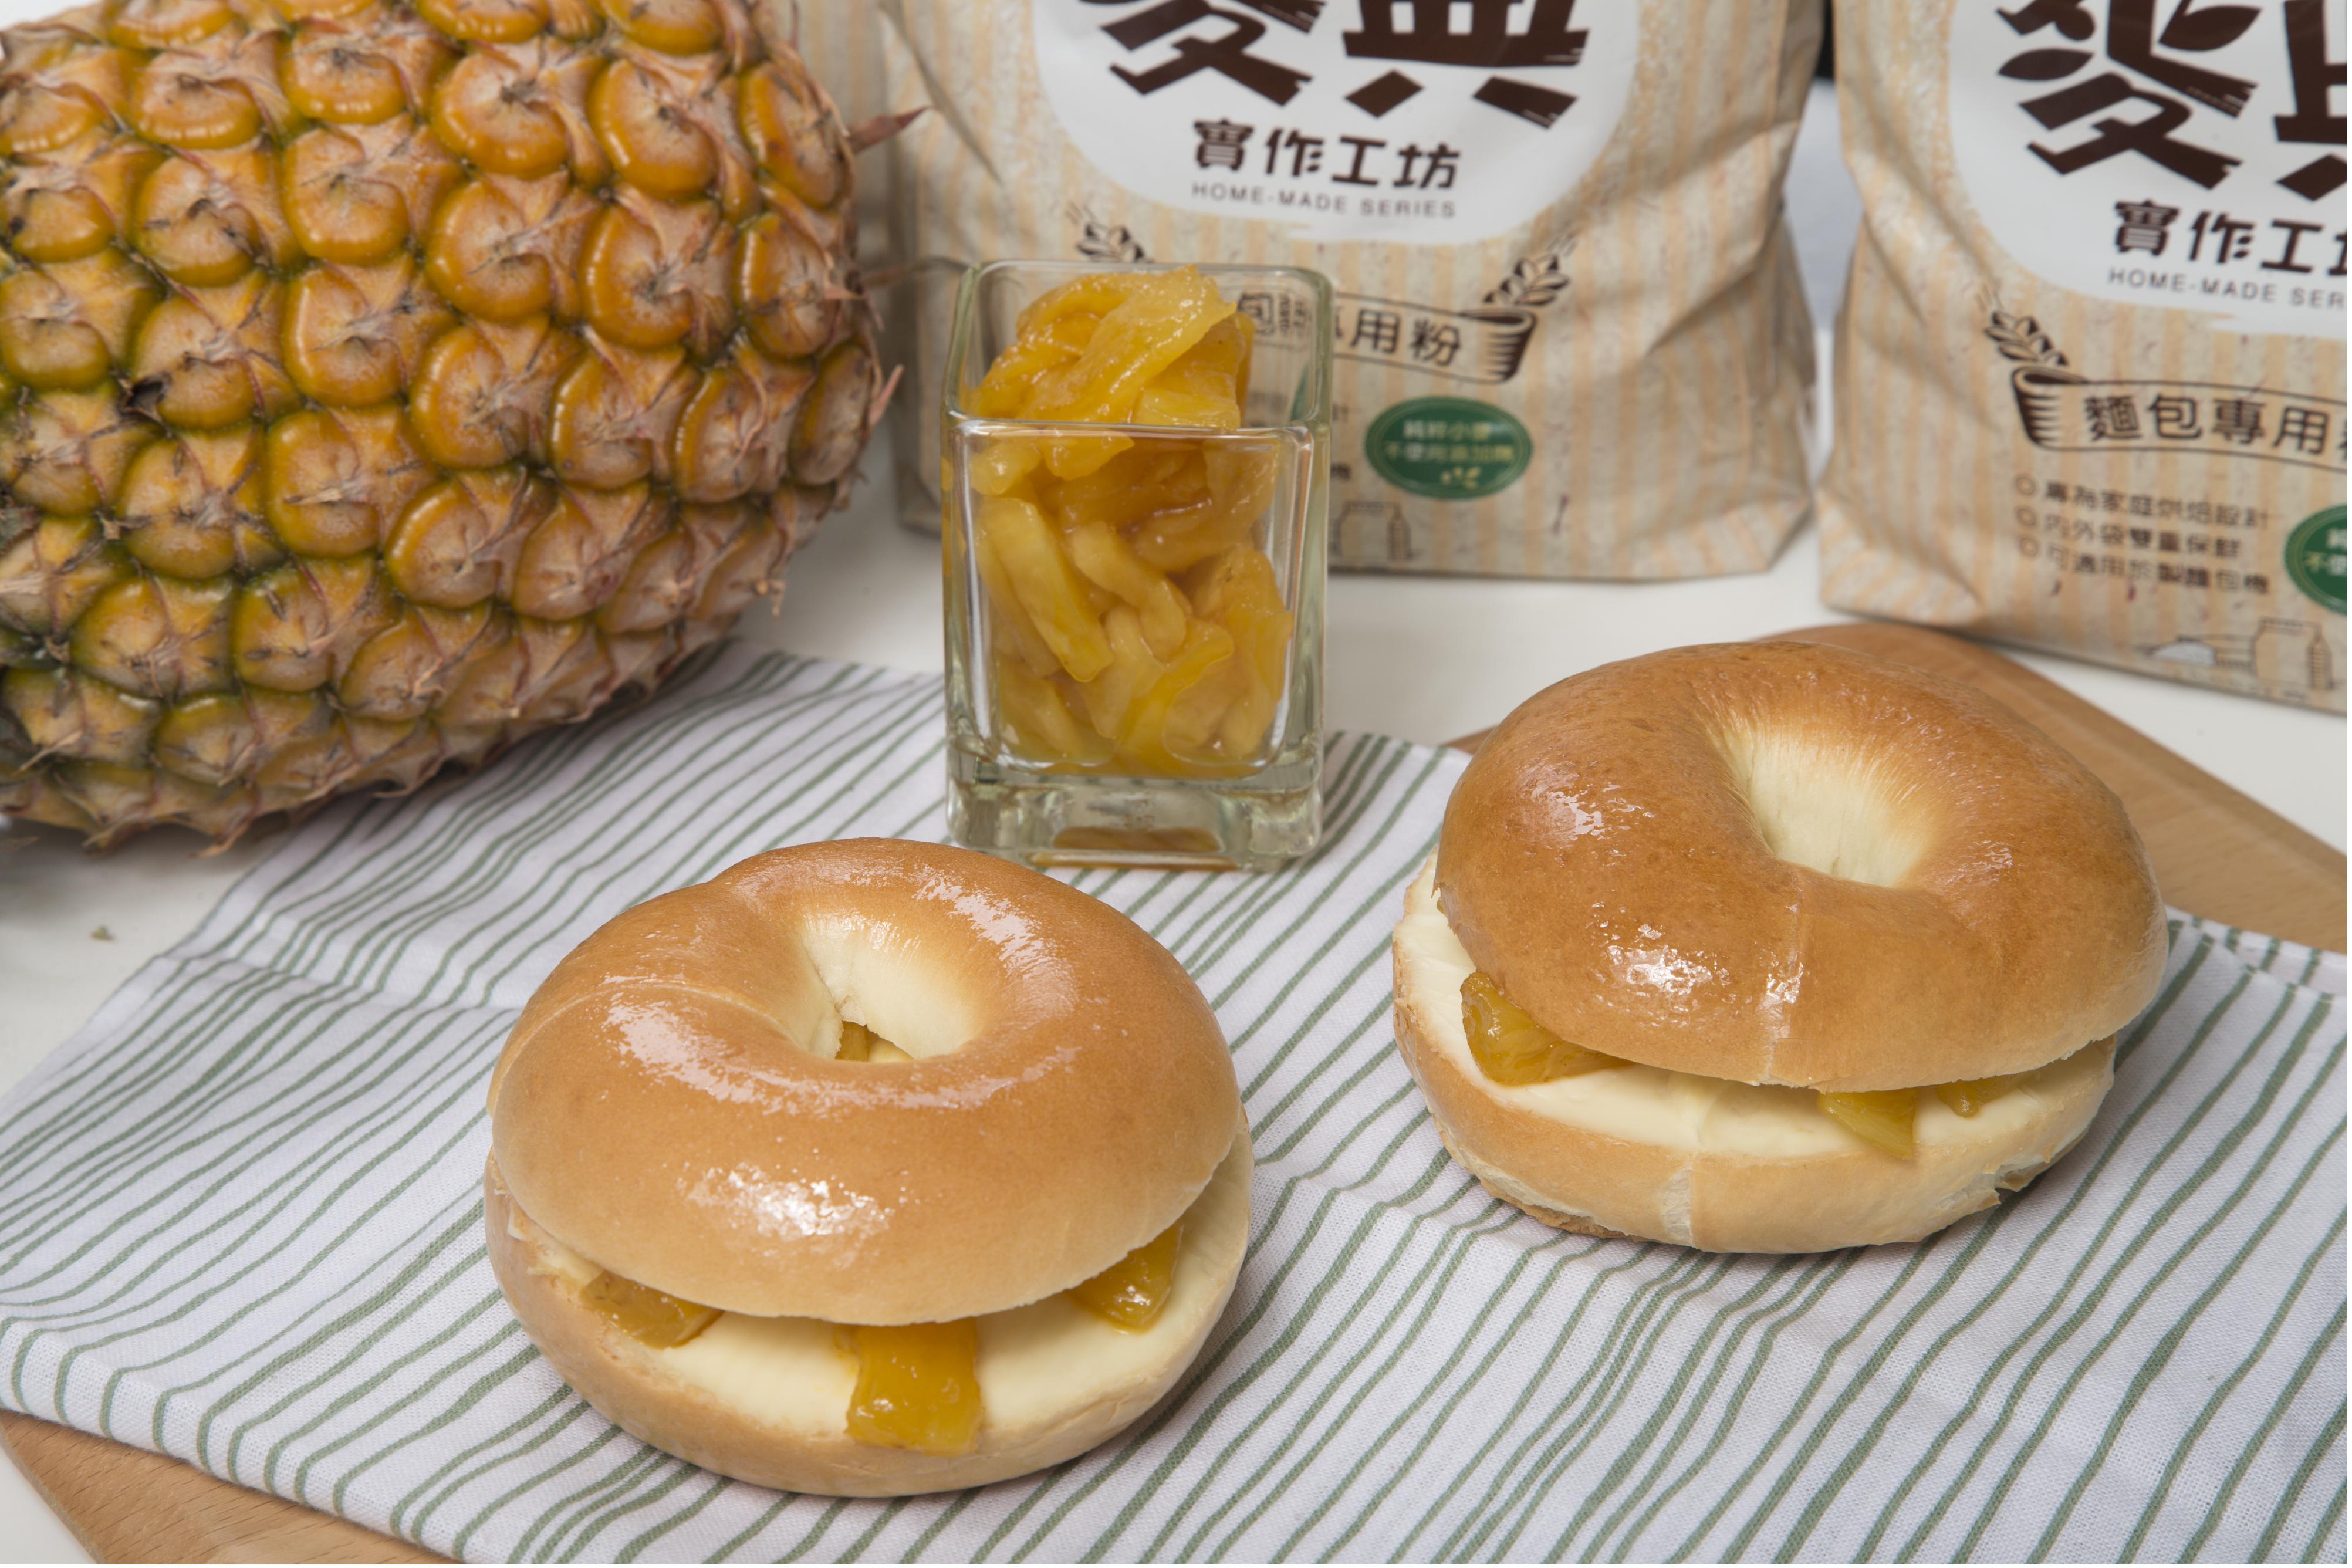 鳳梨貝果【麥典實作工坊麵包專用粉】